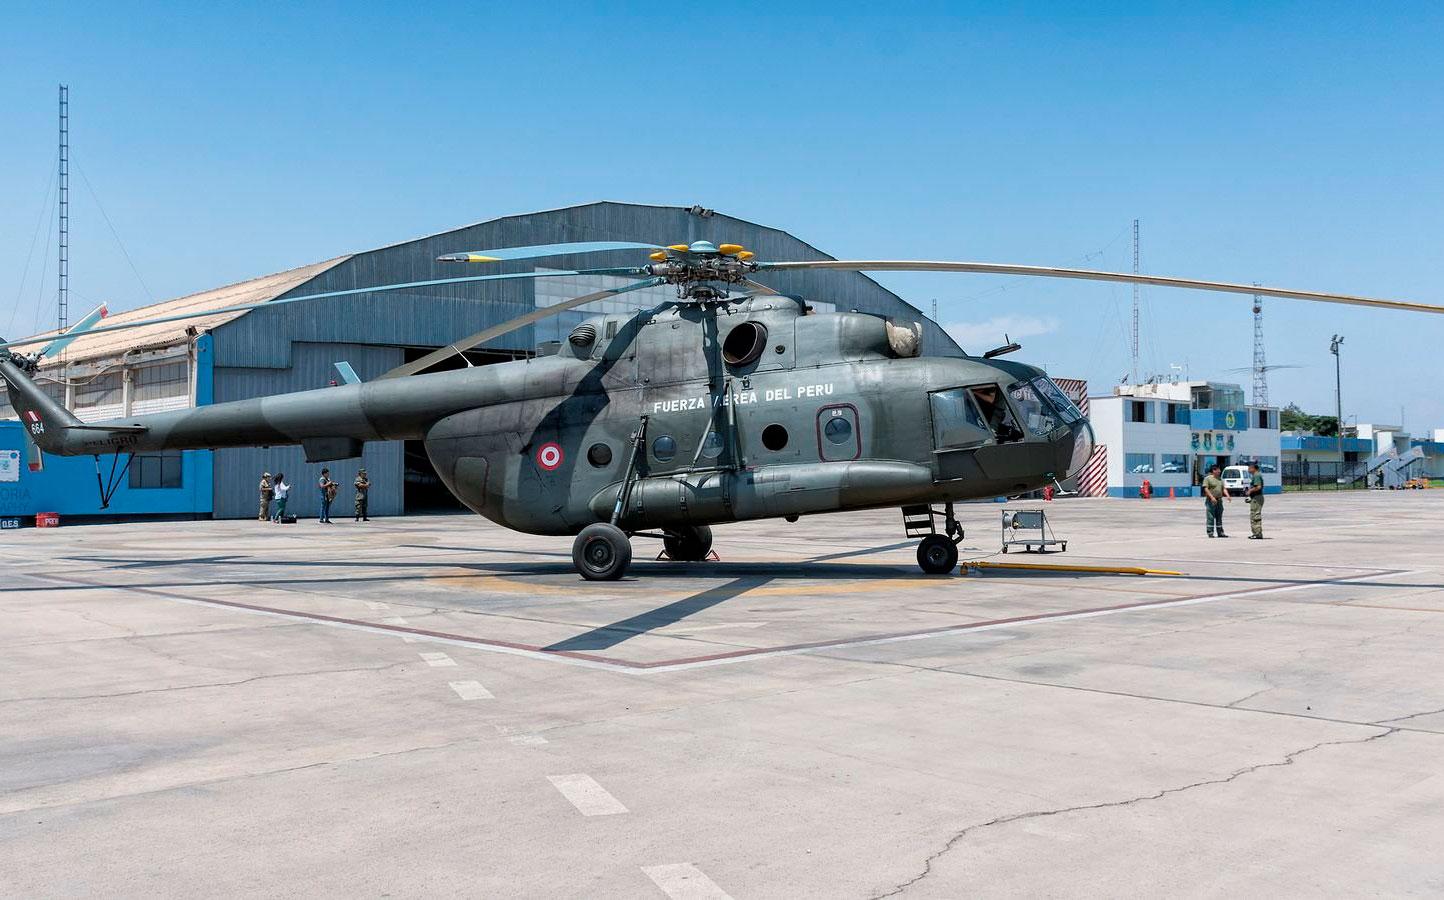 Desaparece helicóptero peruano cerca de la frontera con Ecuador